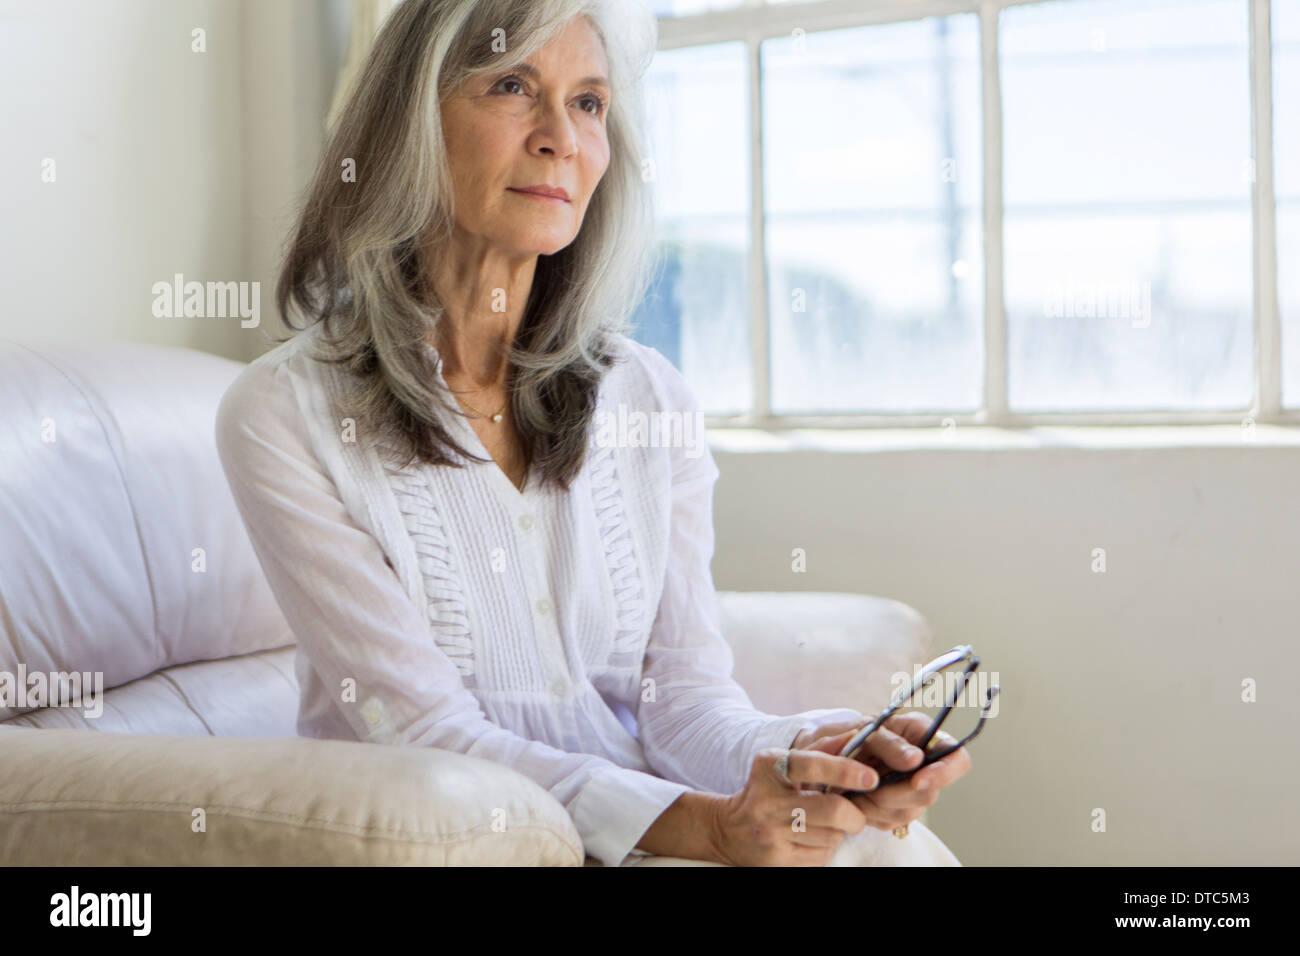 Ritratto di attraente senior donna seduta in appartamento Immagini Stock